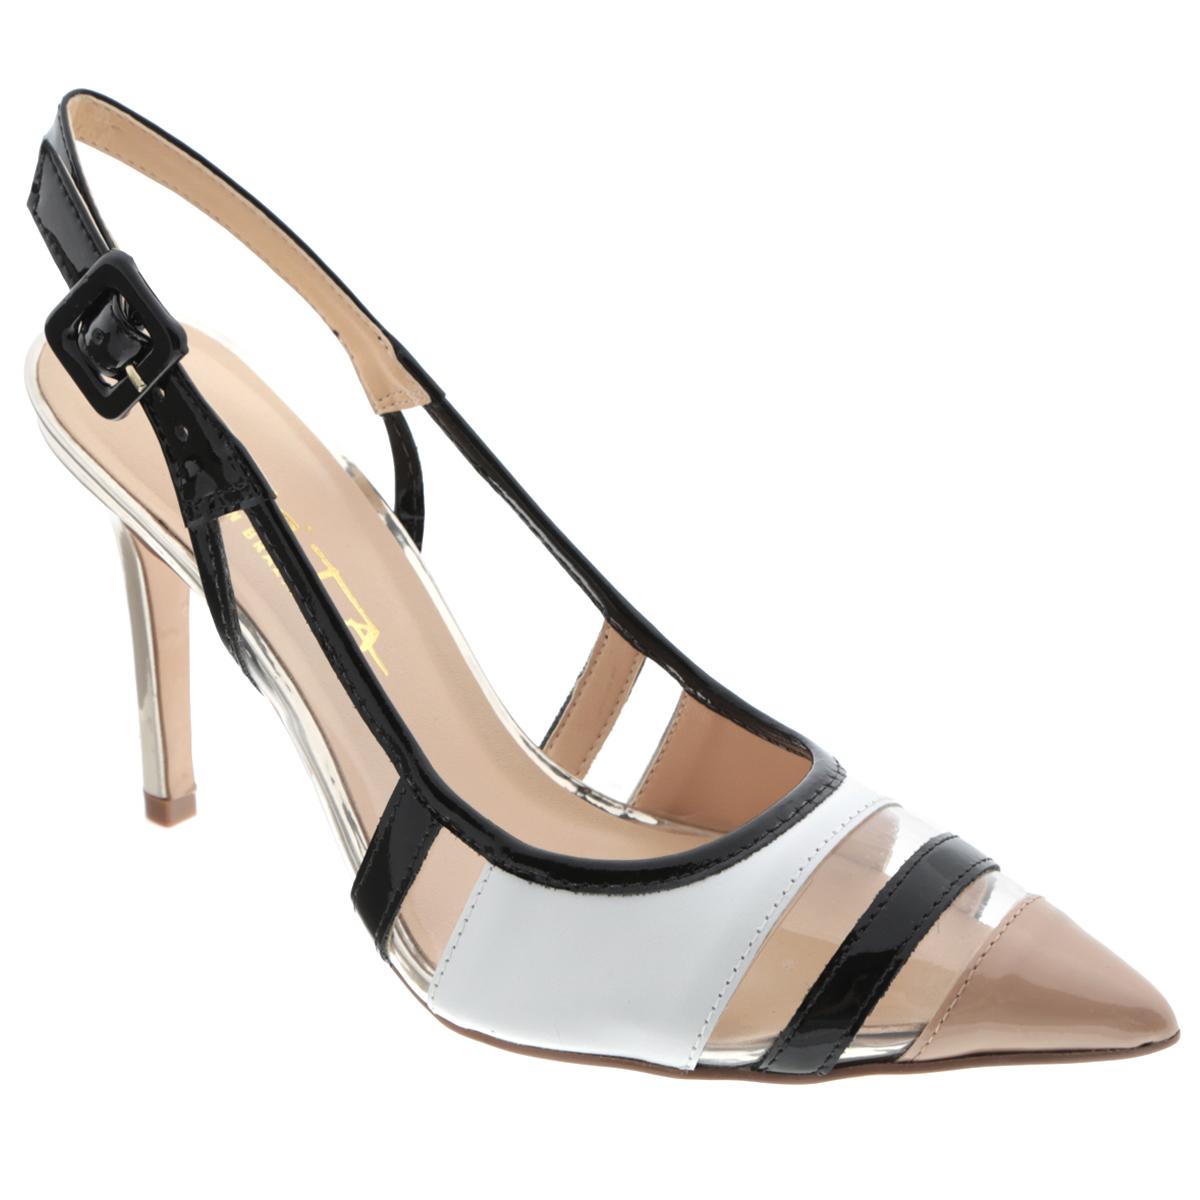 Туфли женские. 29747662974766Элегантные туфли от Tabita подчеркнут вашу женственность! Модель выполнена из лакированной кожи и оформлена вставками из натуральной кожи, прозрачными вставками из пластика. Заостренный вытянутый носок смотрится невероятно женственно. Ремешок с прямоугольной пряжкой надежно зафиксирует модель на вашей щиколотке. Длина ремешка регулируется за счет болта. Стелька из искусственной кожи комфортна при движении. Подошва с рифлением обеспечивает отличное сцепление с любыми поверхностями. Оригинальные туфли внесут изюминку в любой из ваших модных образов.